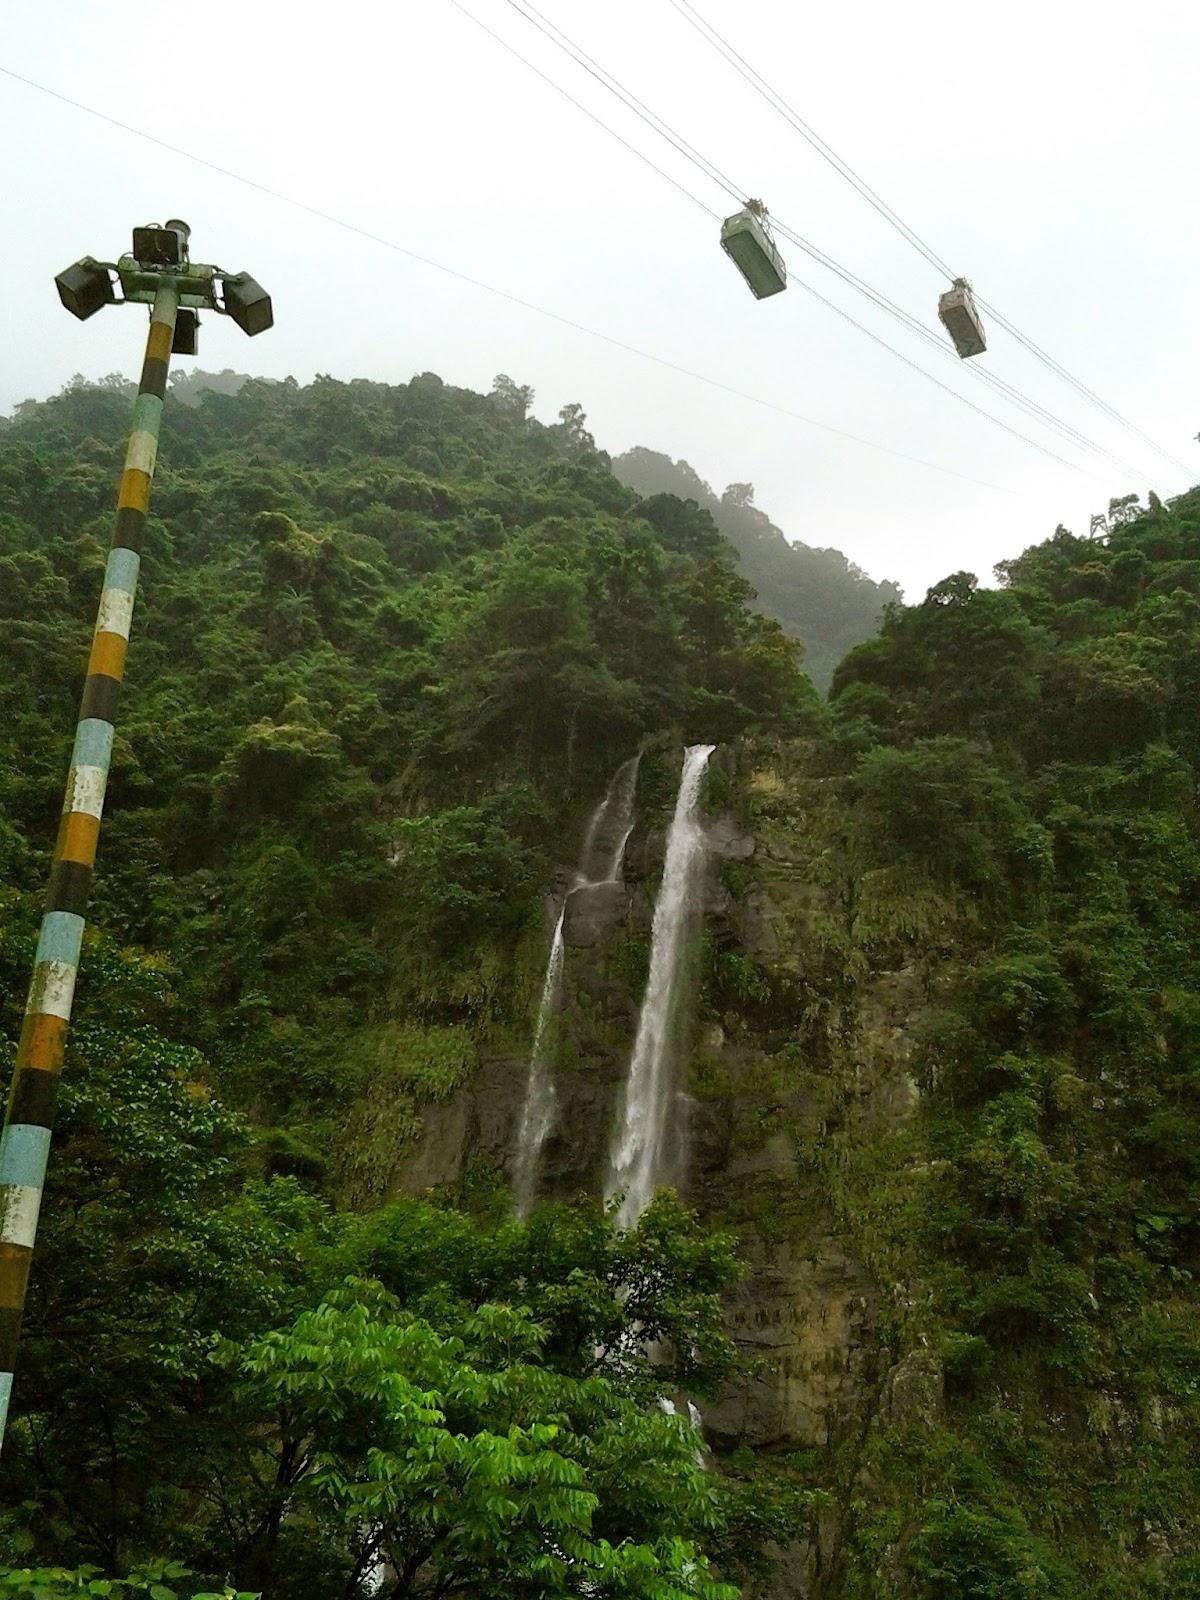 Wulai Cable Car Ride Taiwan